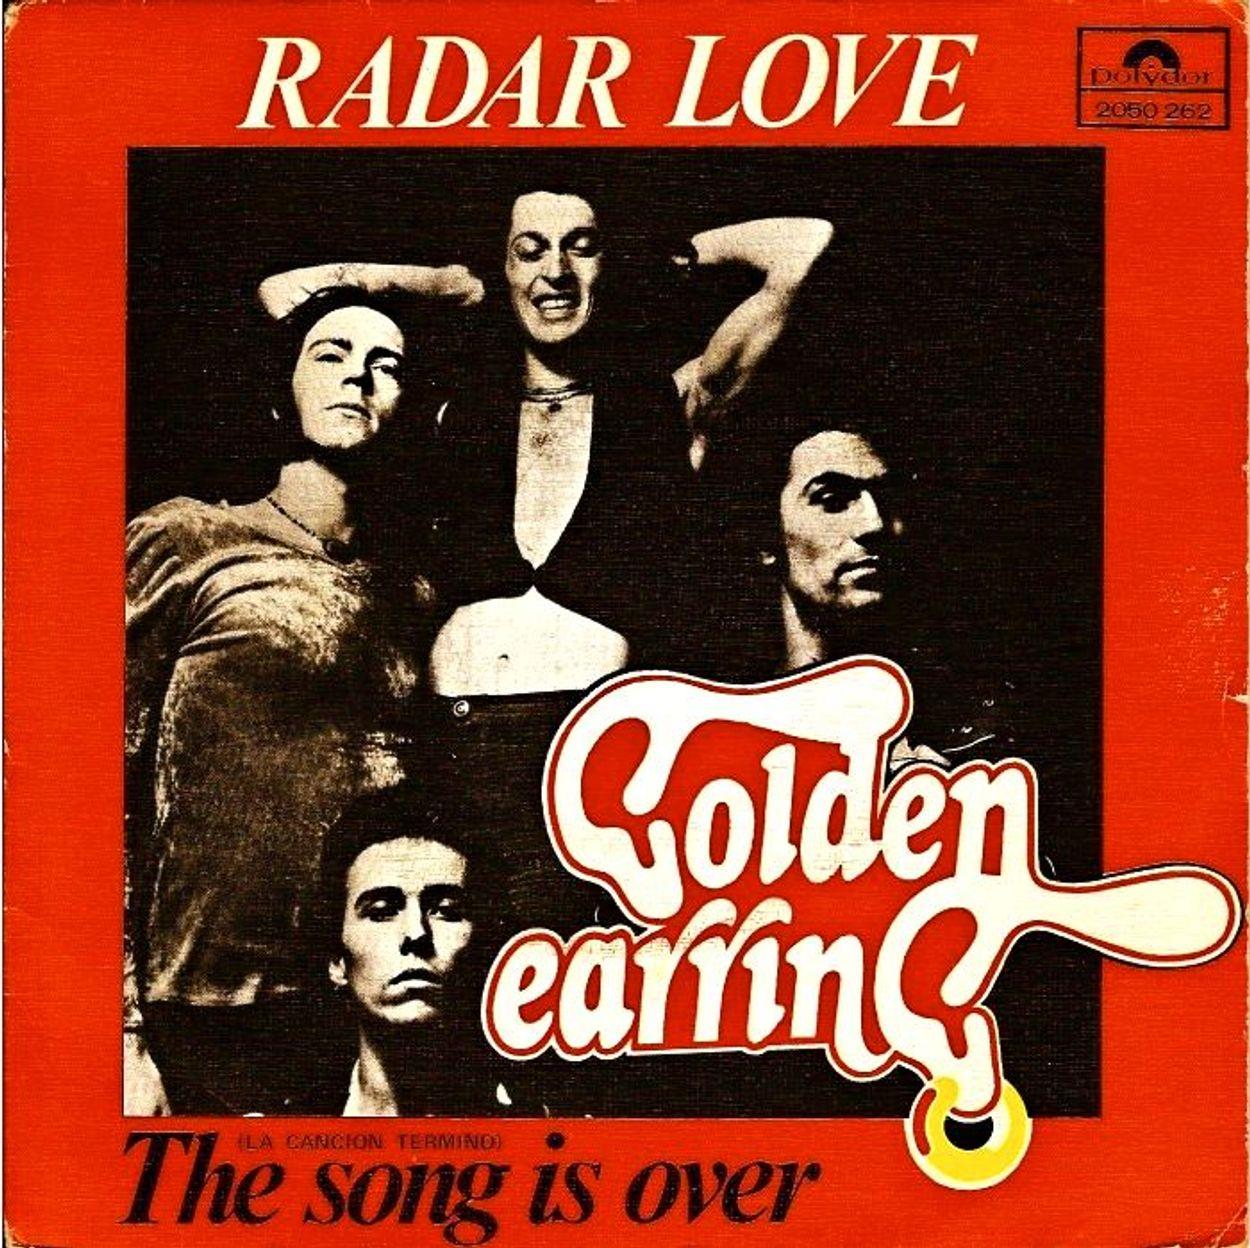 golden_earring-radar_love_s_4-1